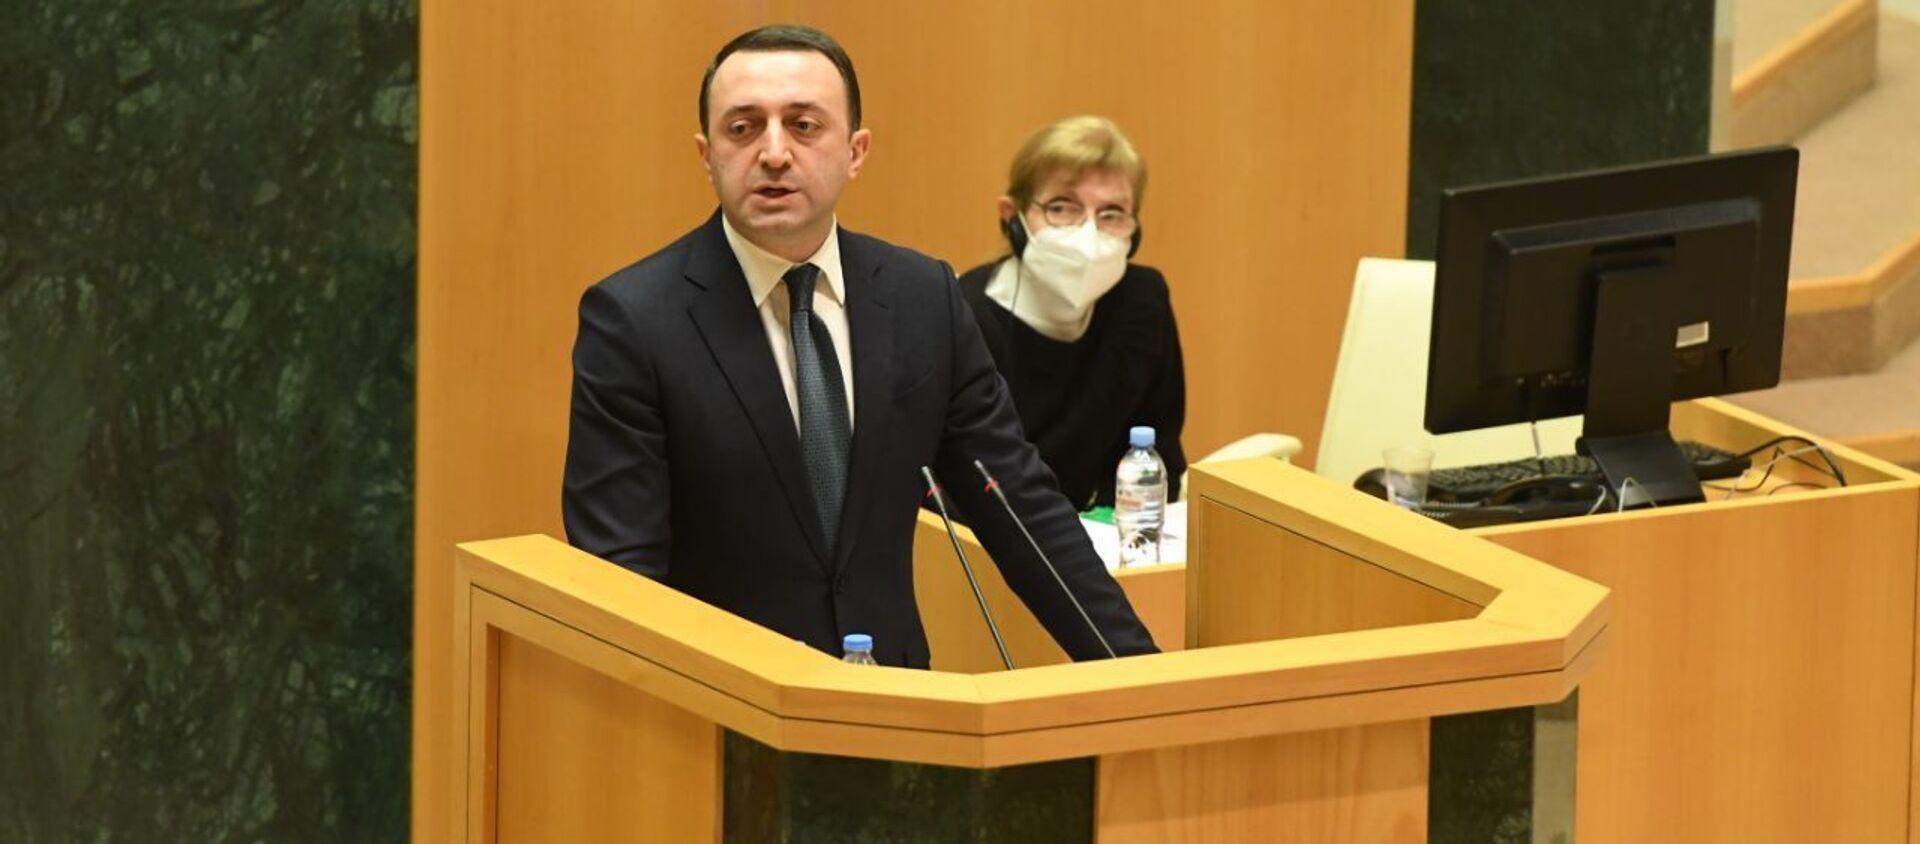 Ираклий Гарибашвили выступает перед парламентом Грузии 22 февраля 2021 года - Sputnik Грузия, 1920, 11.03.2021